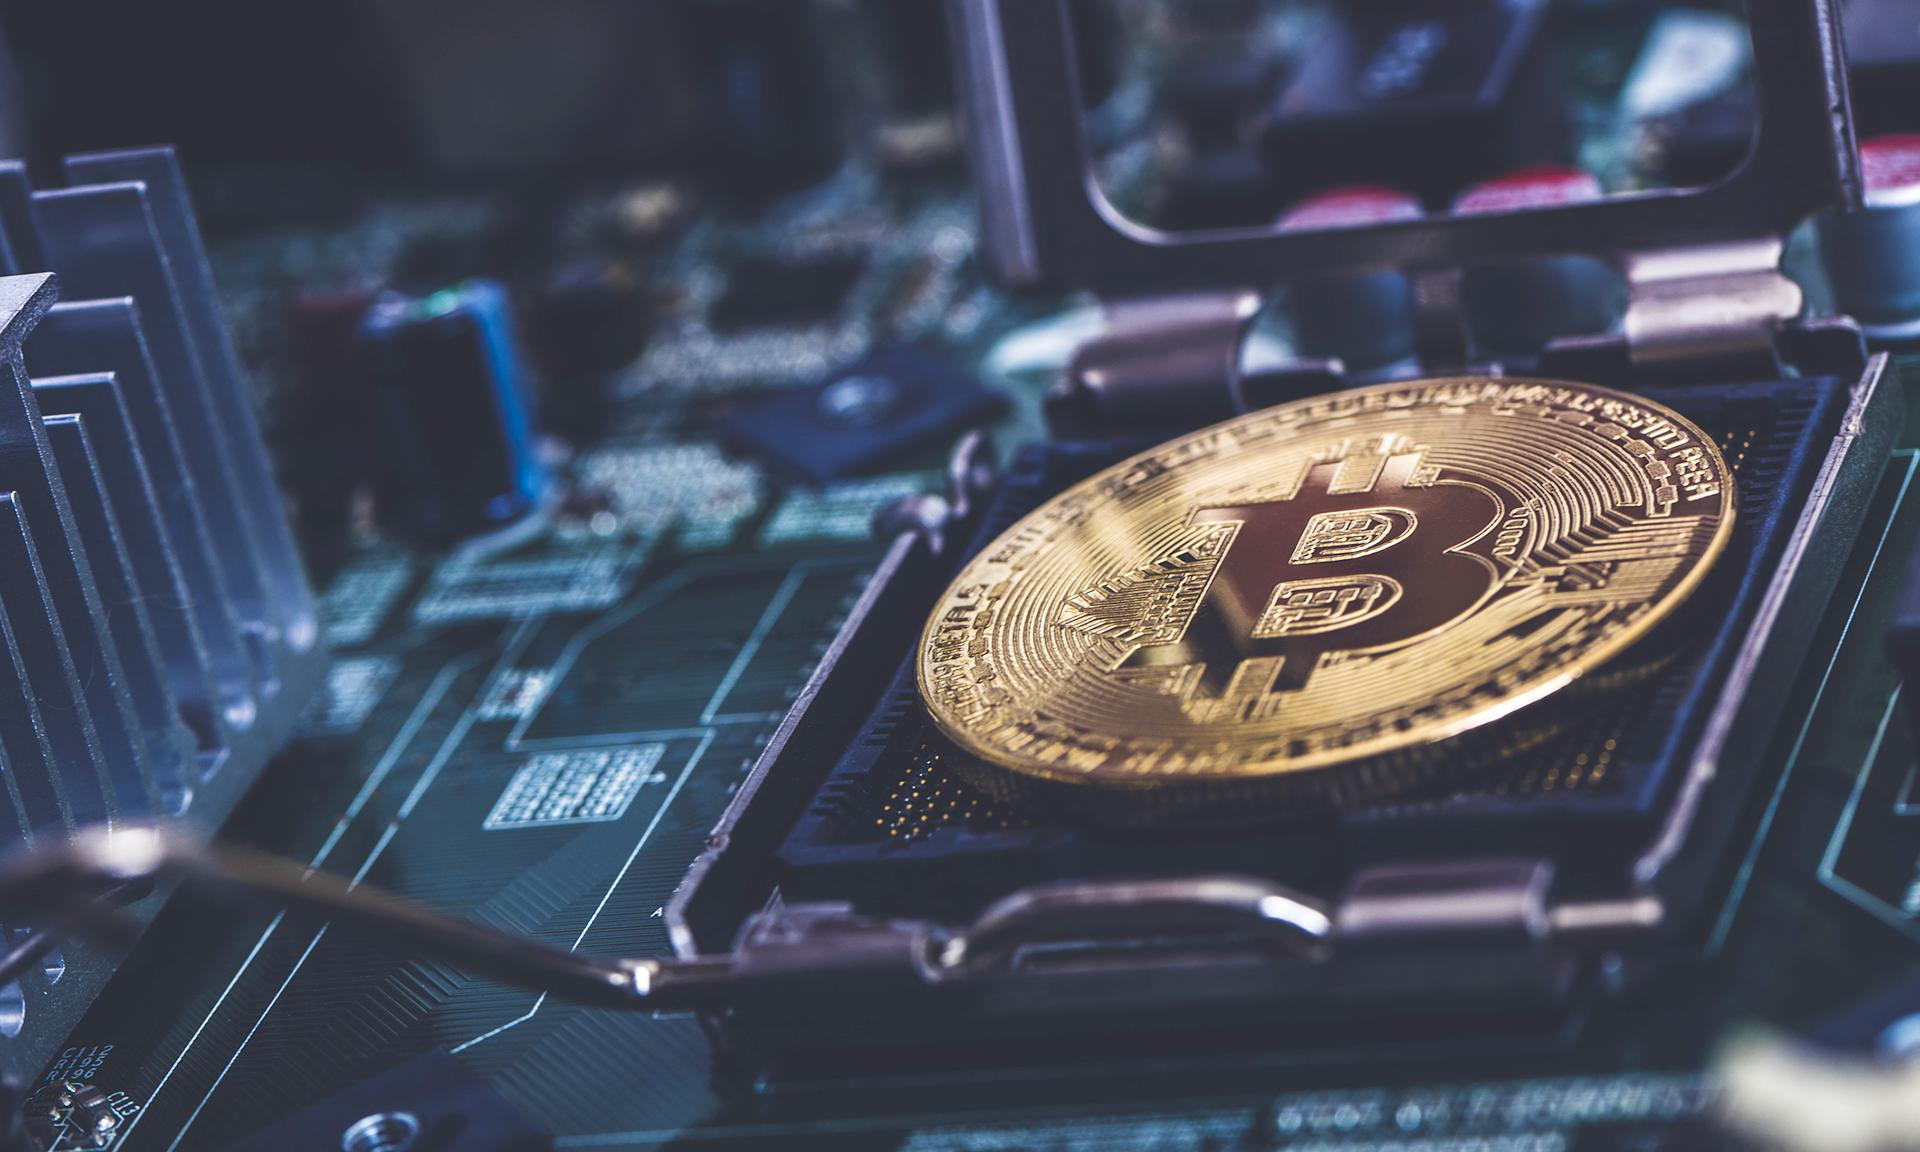 câștiguri profitabile pe Bitcoins